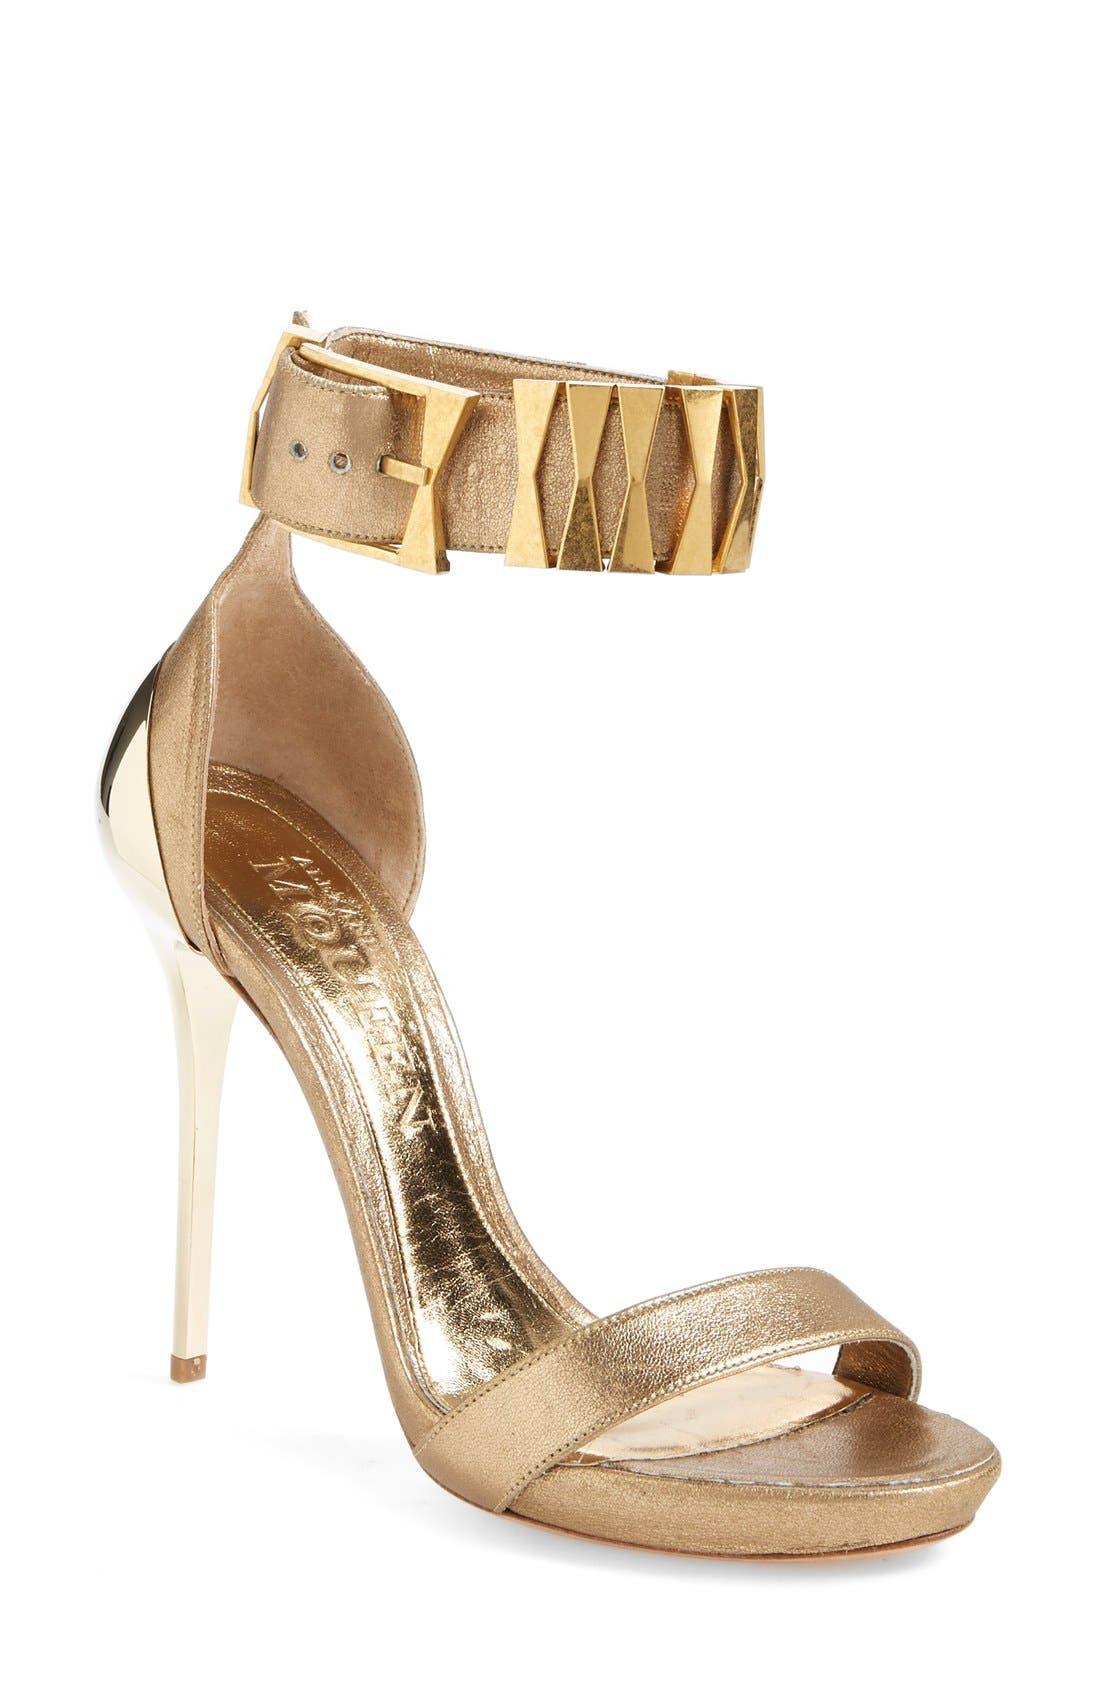 Alternate Image 1 Selected - Alexander McQueen Metal Heel Sandal (Women)